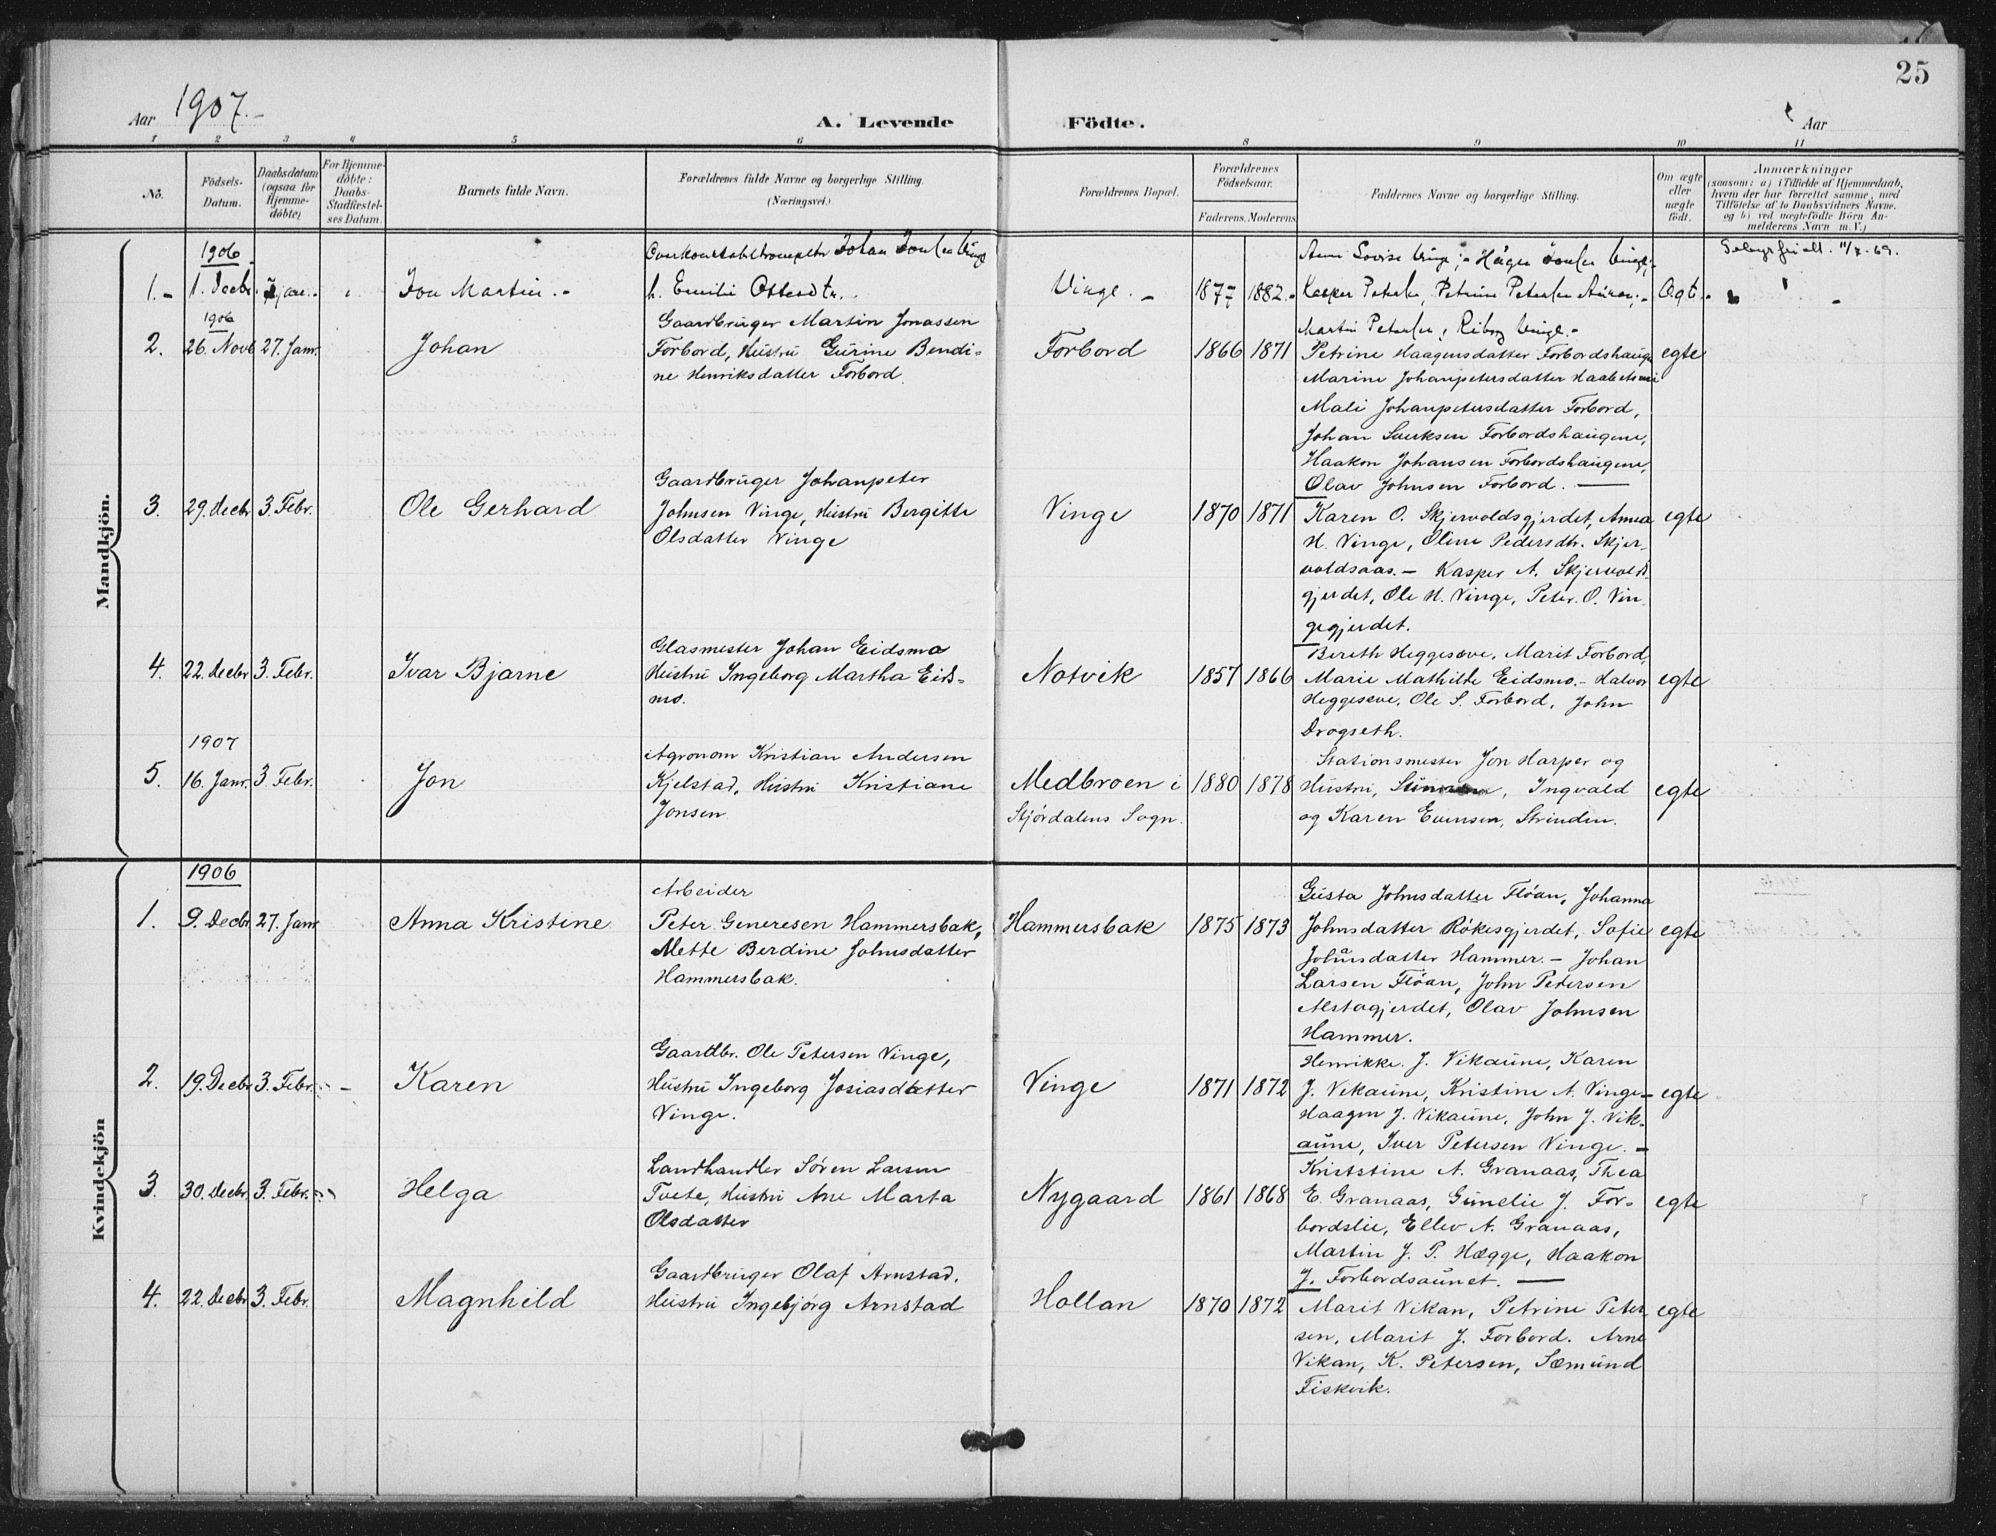 SAT, Ministerialprotokoller, klokkerbøker og fødselsregistre - Nord-Trøndelag, 712/L0101: Ministerialbok nr. 712A02, 1901-1916, s. 25